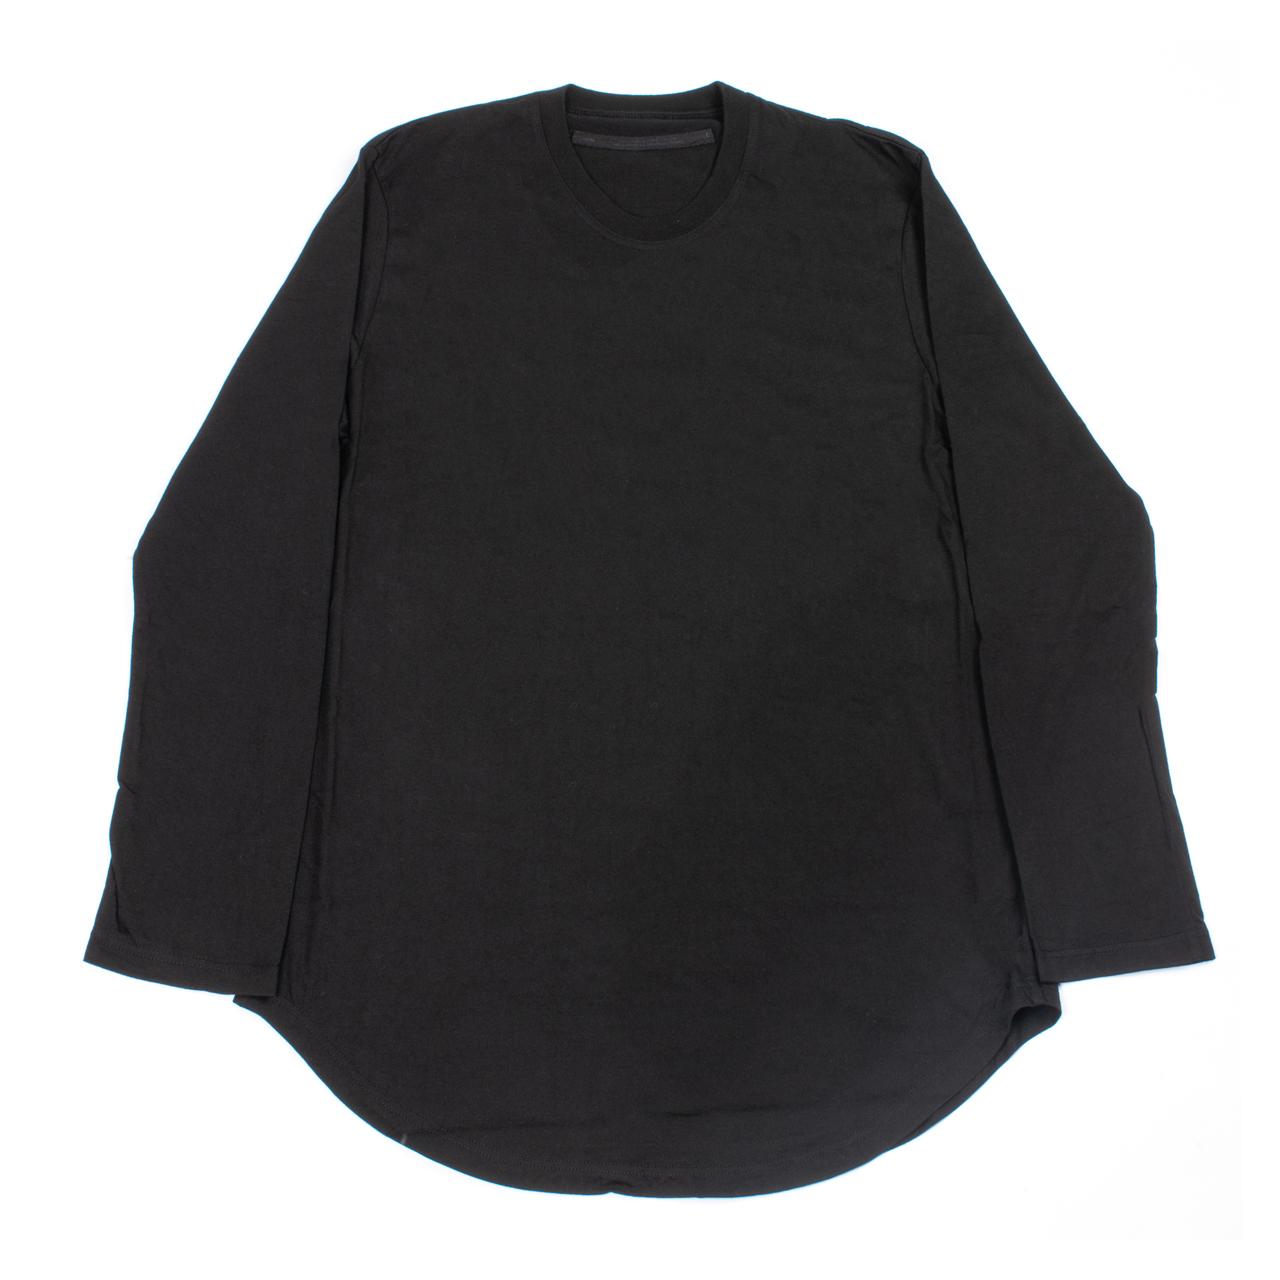 727CUM9-BLACK / ロングスリーブ Tシャツ